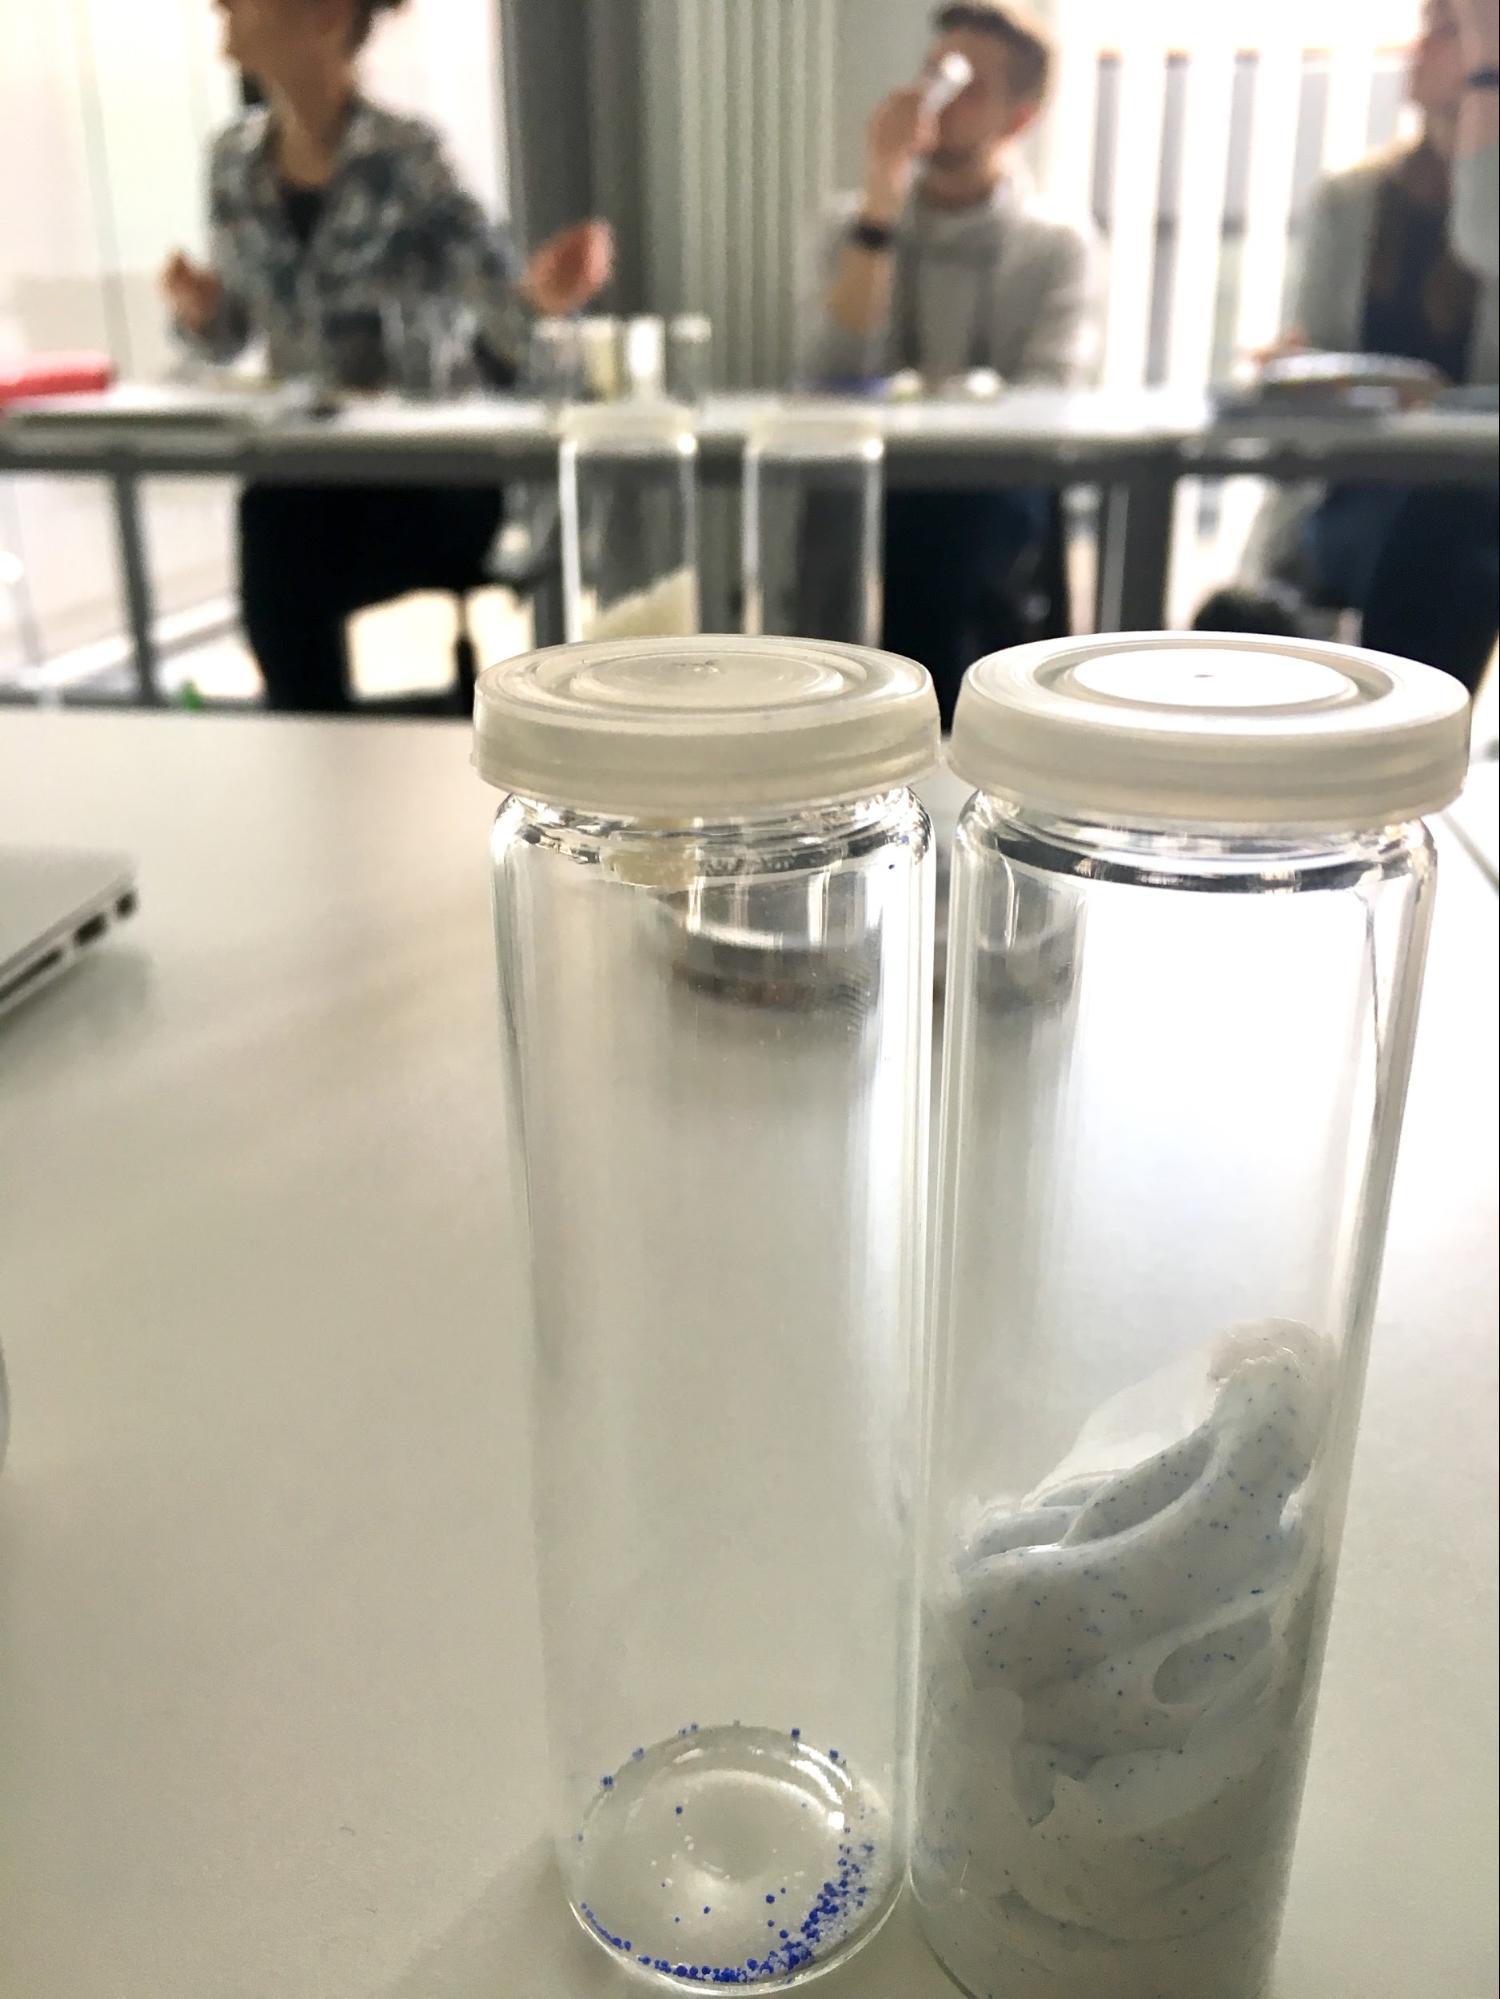 Proben von Mikroplastik